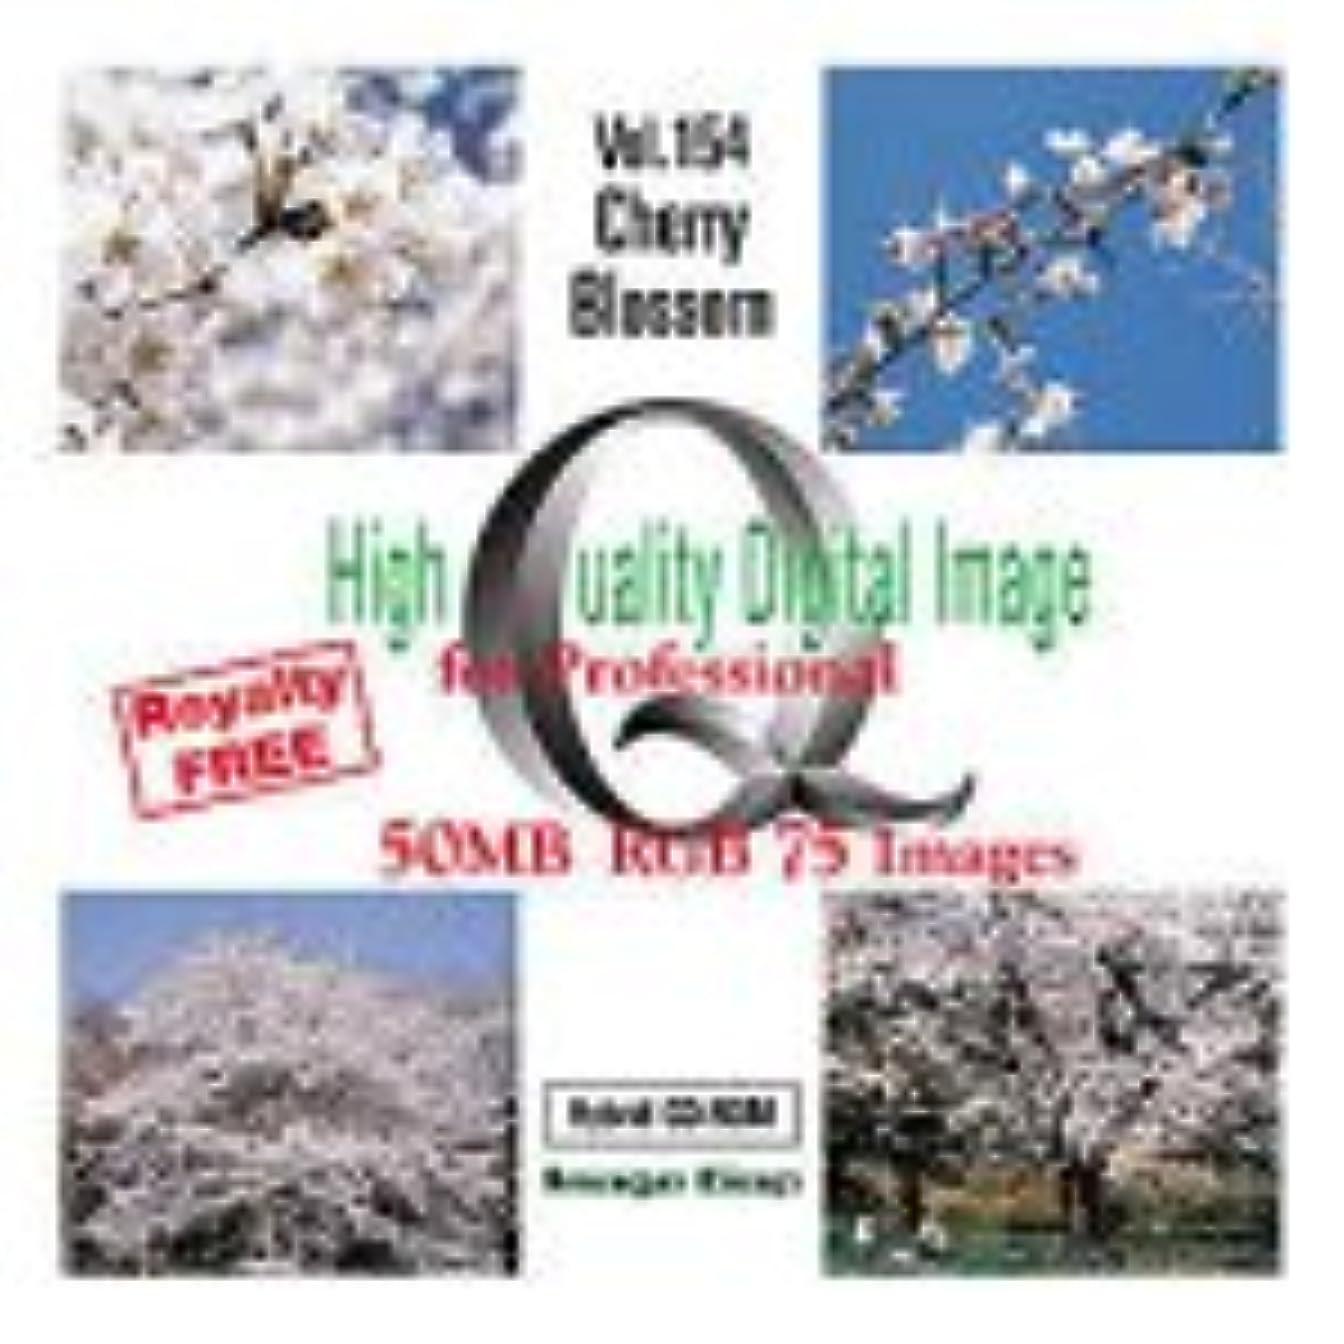 本当に全員コアHigh Quality Digital Image Cherry Blossom